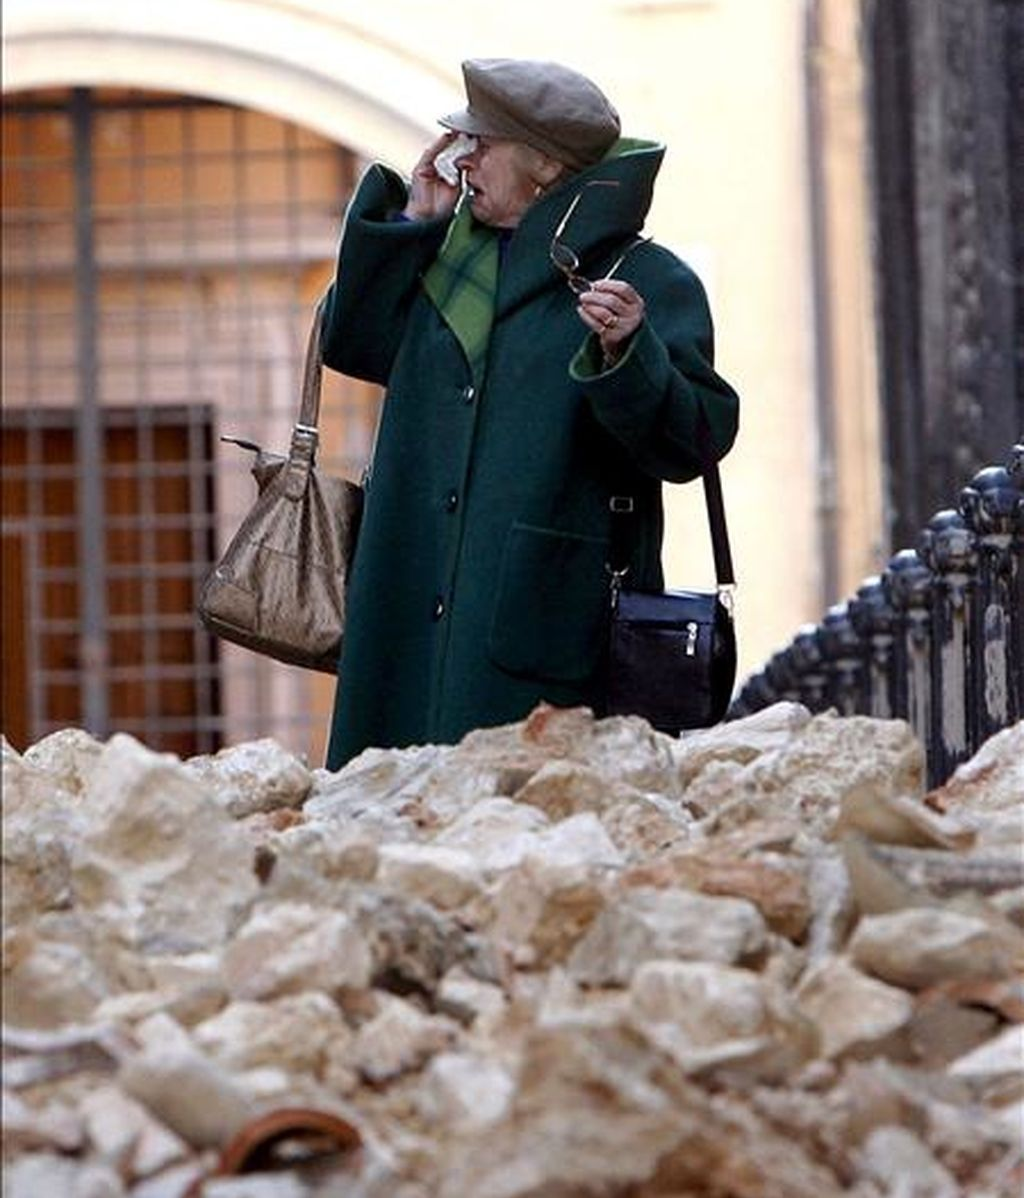 Una mujer llora junto a una pila de escombros en la ciudad italiana de L'Aquila, tras el terremoto del día 6. EFE